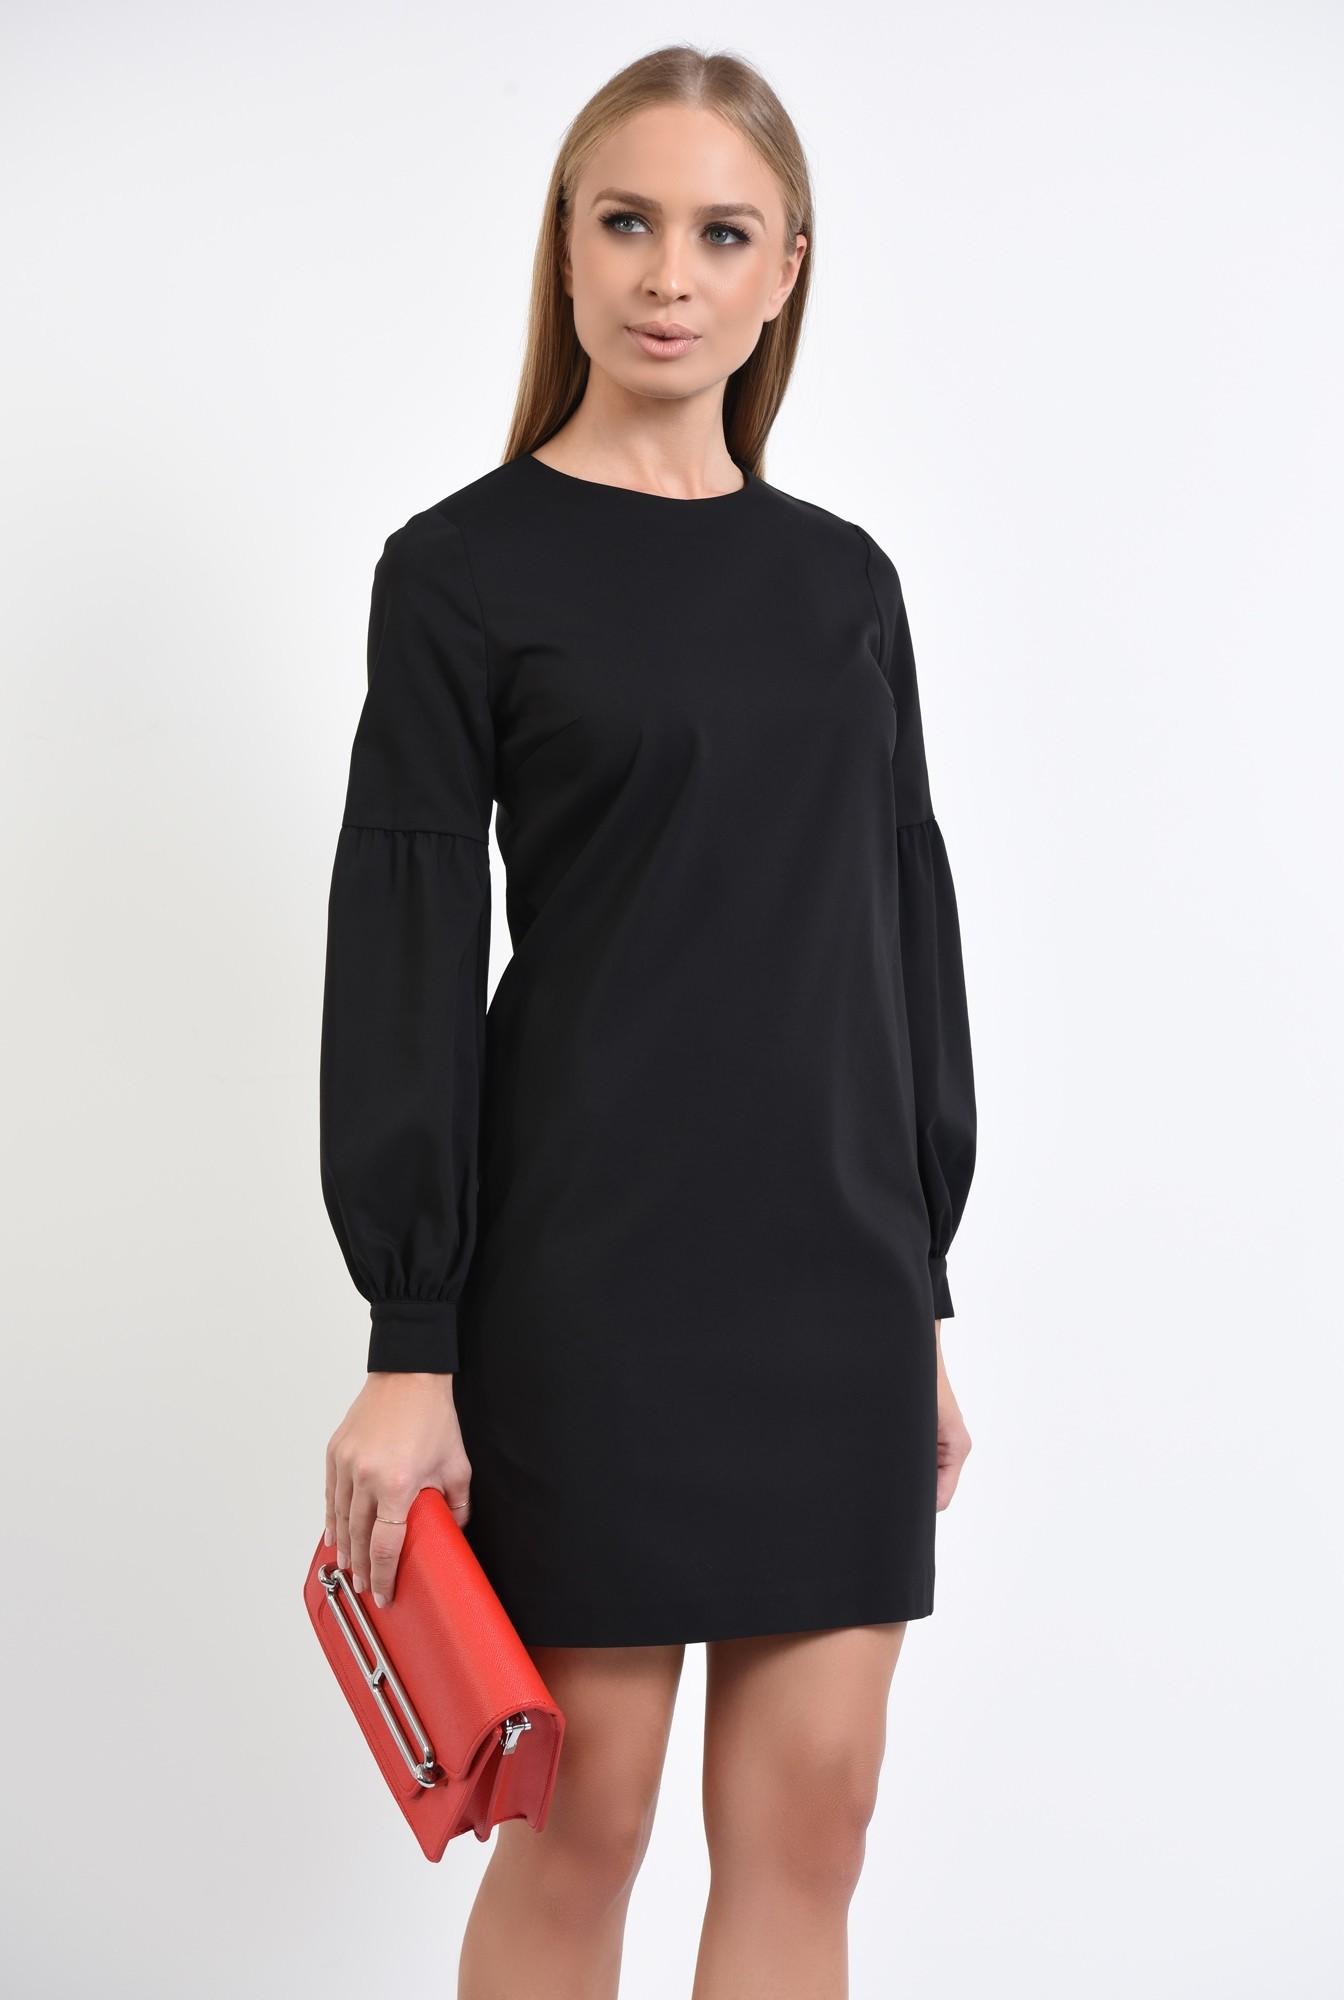 2 - rochie mini neagra, decolteu rotund la baza gatului